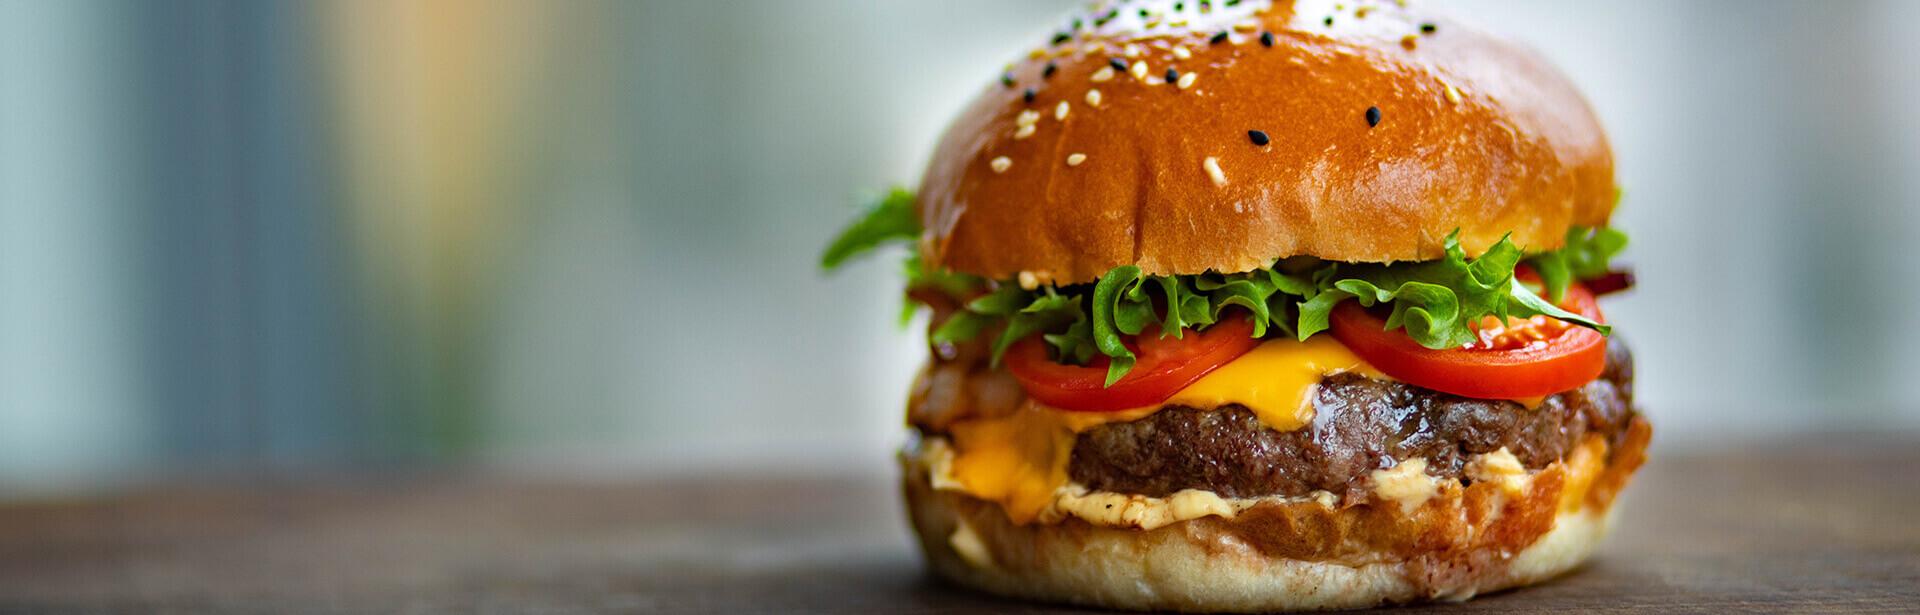 Lerne InLoox als Arbeitgeber bei Burger & Alpenblick kennen